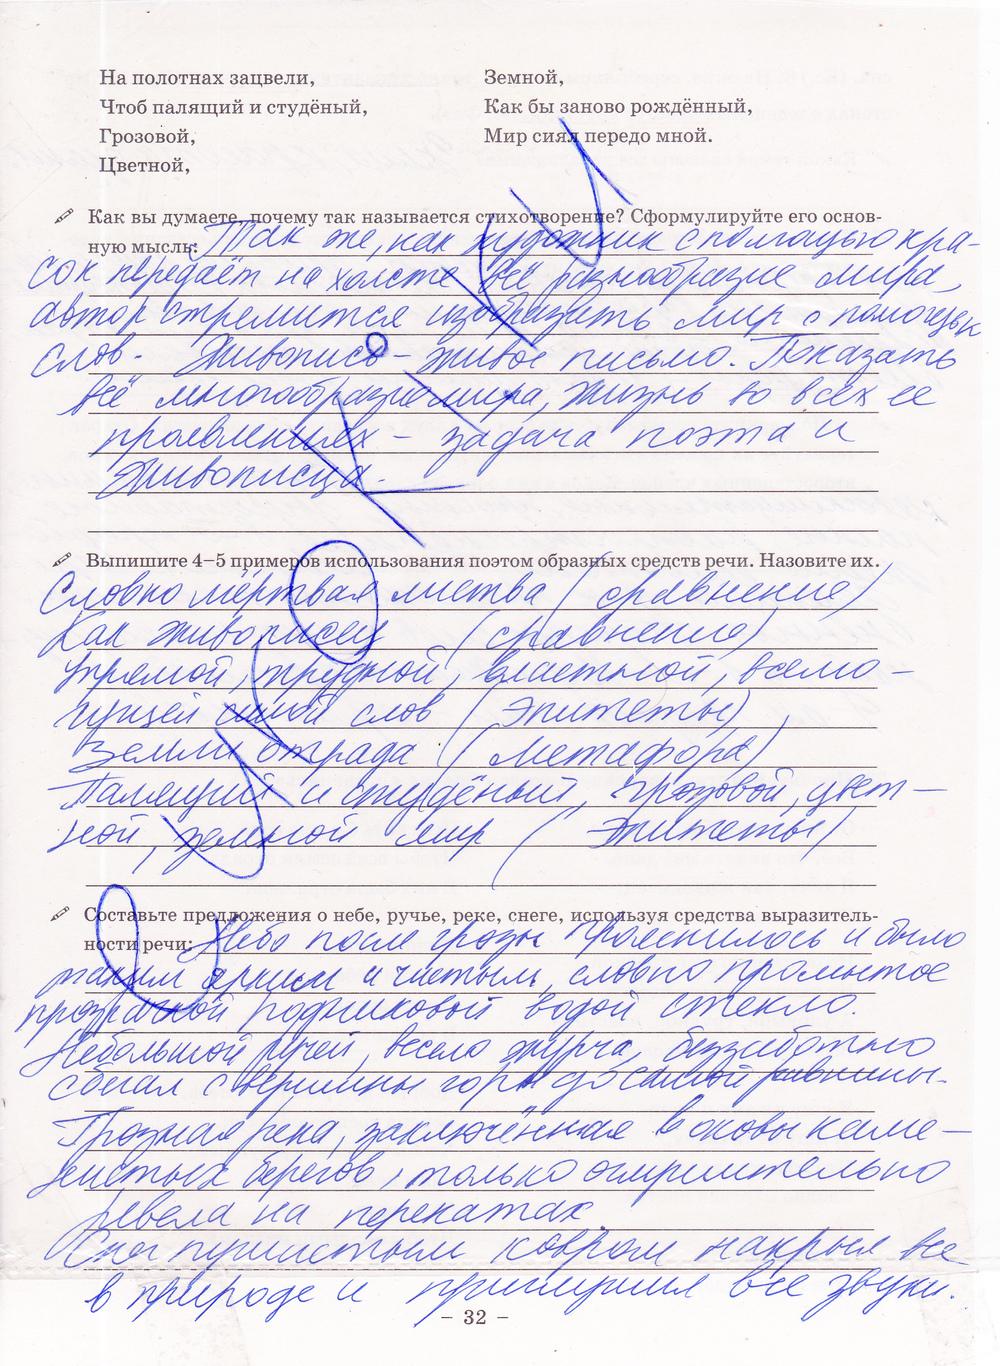 ГДЗ по русскому языку 8 класс рабочая тетрадь Богданова Часть 1, 2. Задание: стр. 32